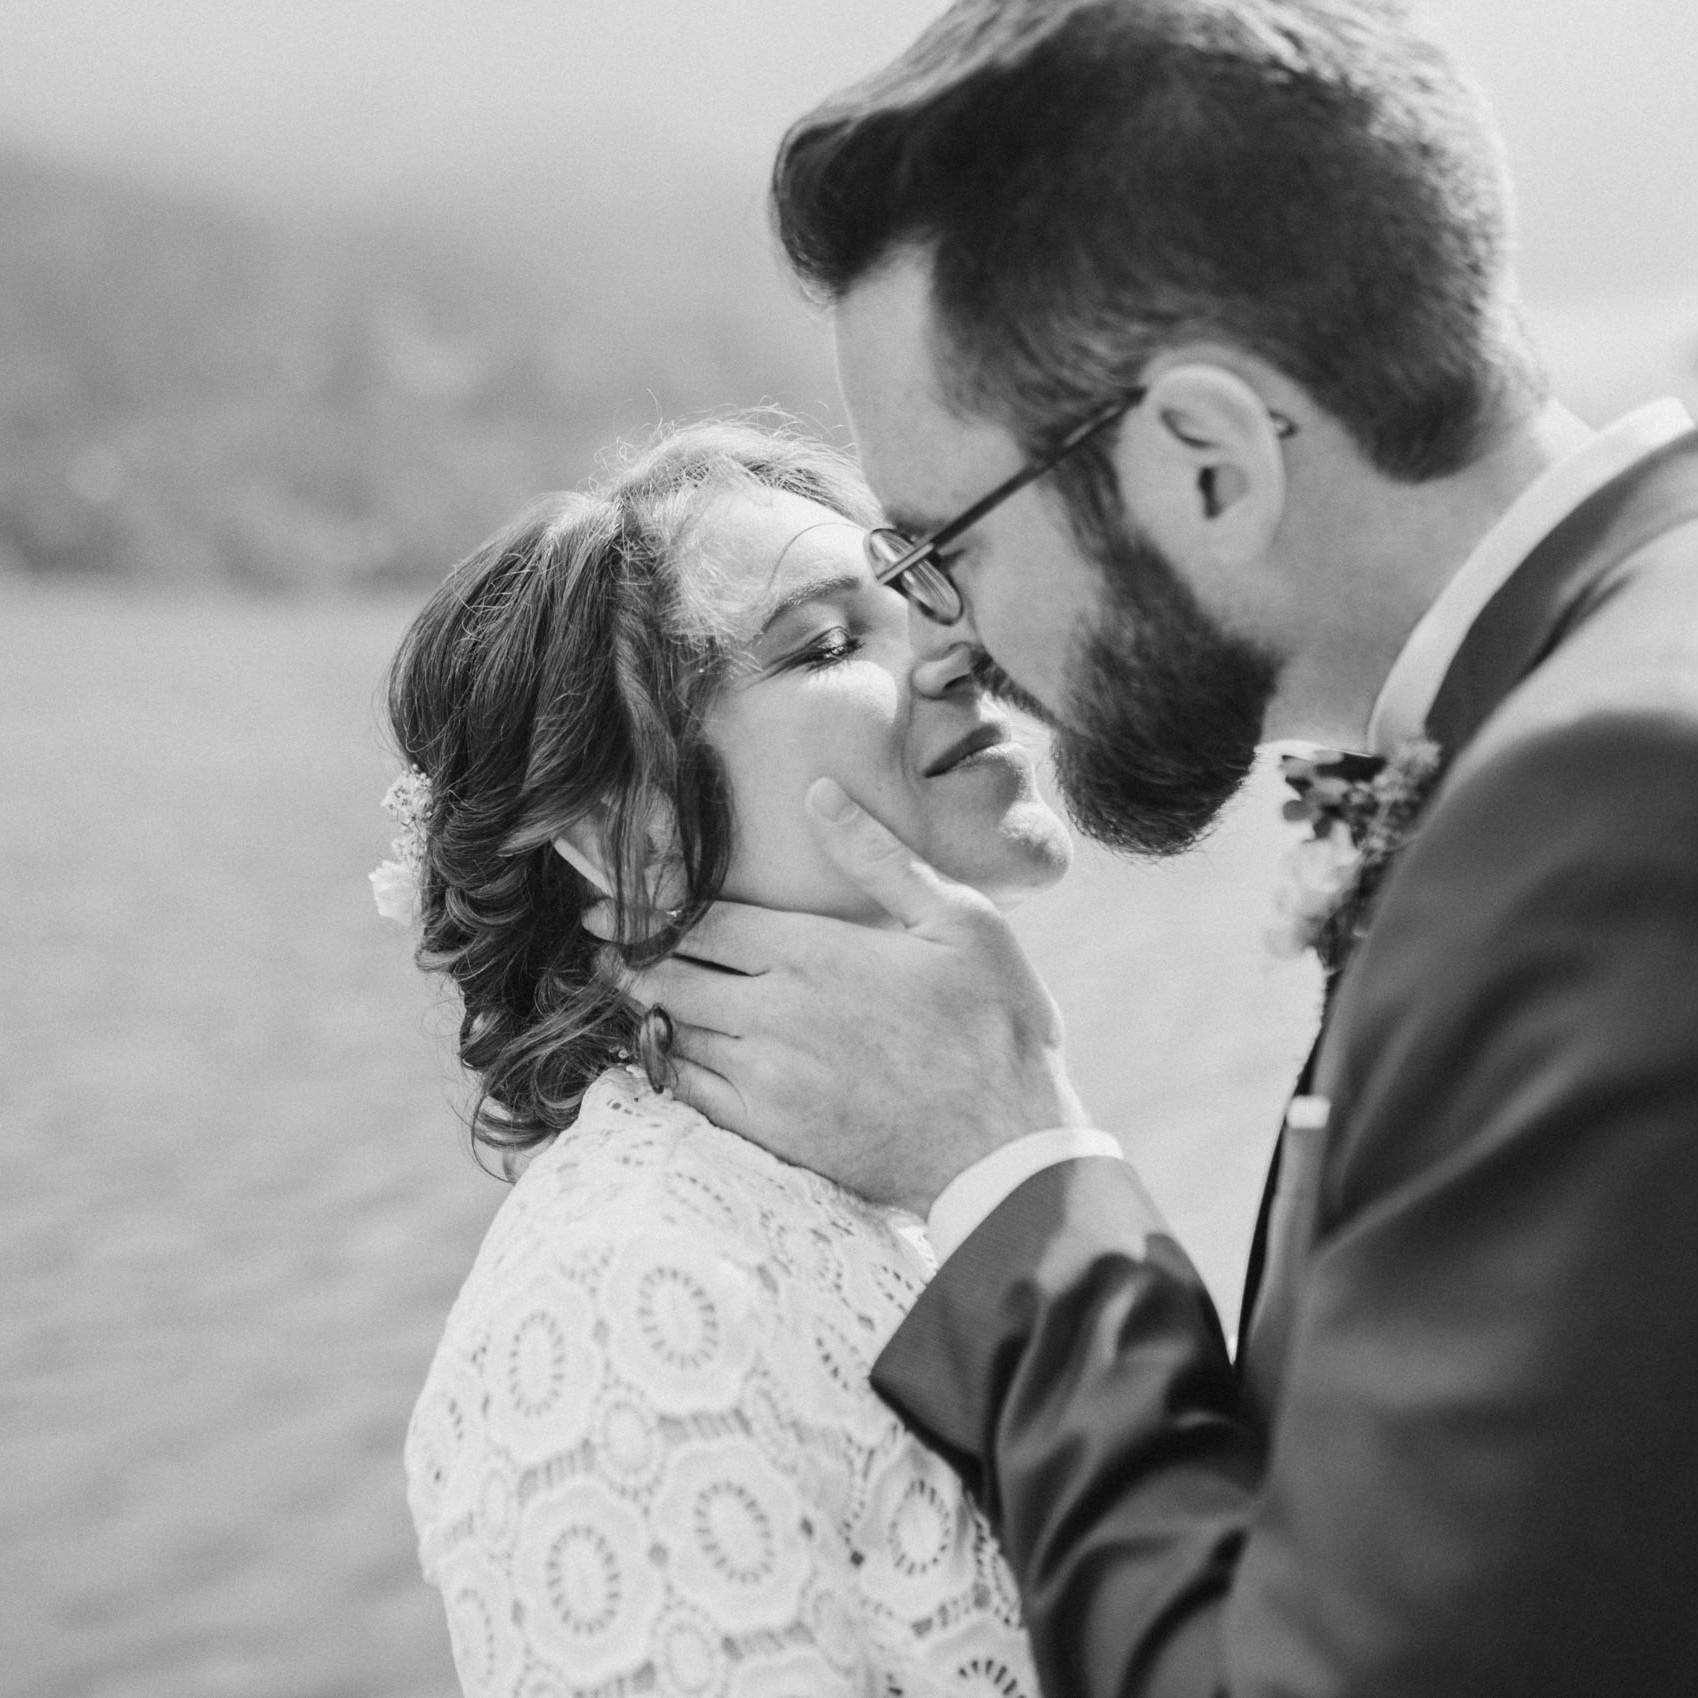 Brautpaarfotos bei einer Hochzeitsfeier am Tegernsee fotografiert von Hochzeitsfotografin Veronika Anna Fotografie aus Muenchen